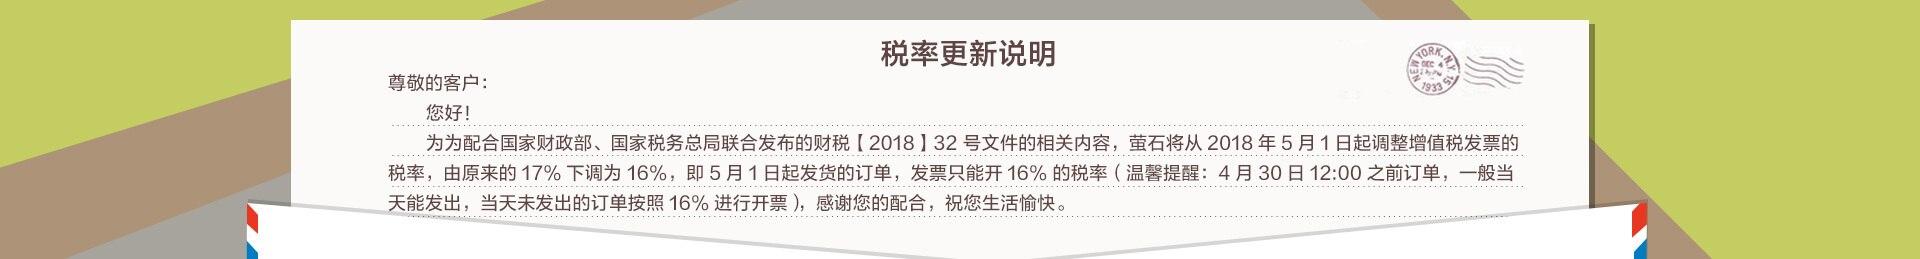 税率更新说明